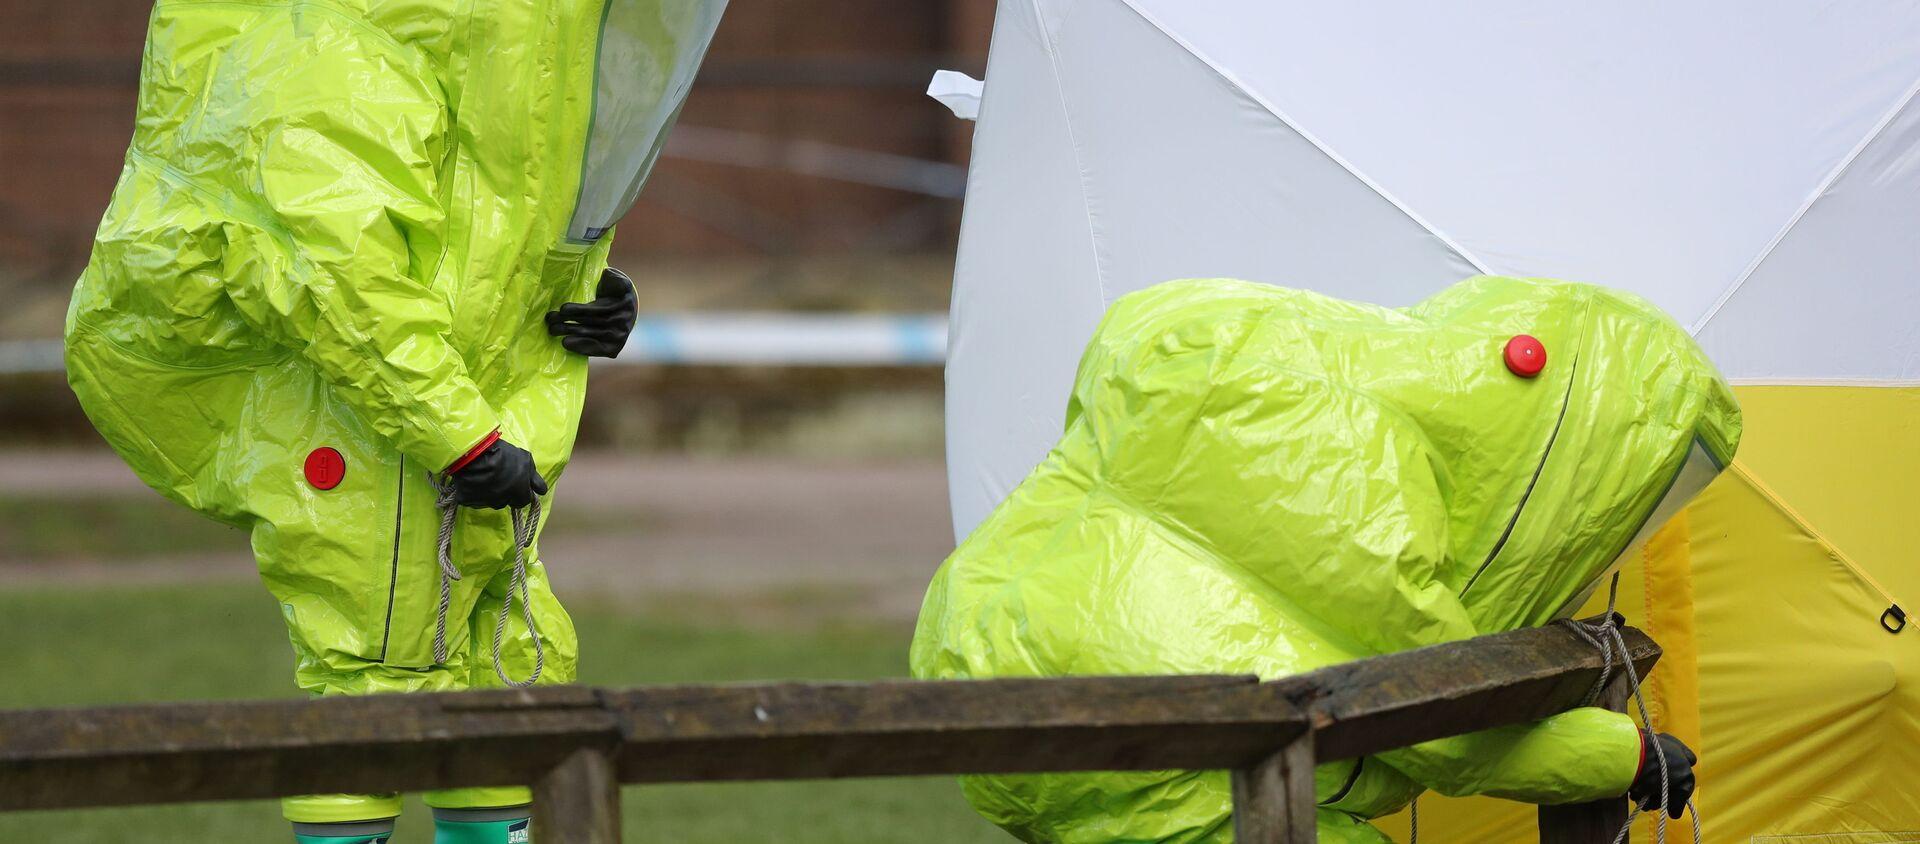 Especialistas de las unidades antiquímicas trabajan en relación con el caso Skripal en Salisbury (Reino Unido), el 8 de marzo de 2018 - Sputnik Mundo, 1920, 12.11.2020